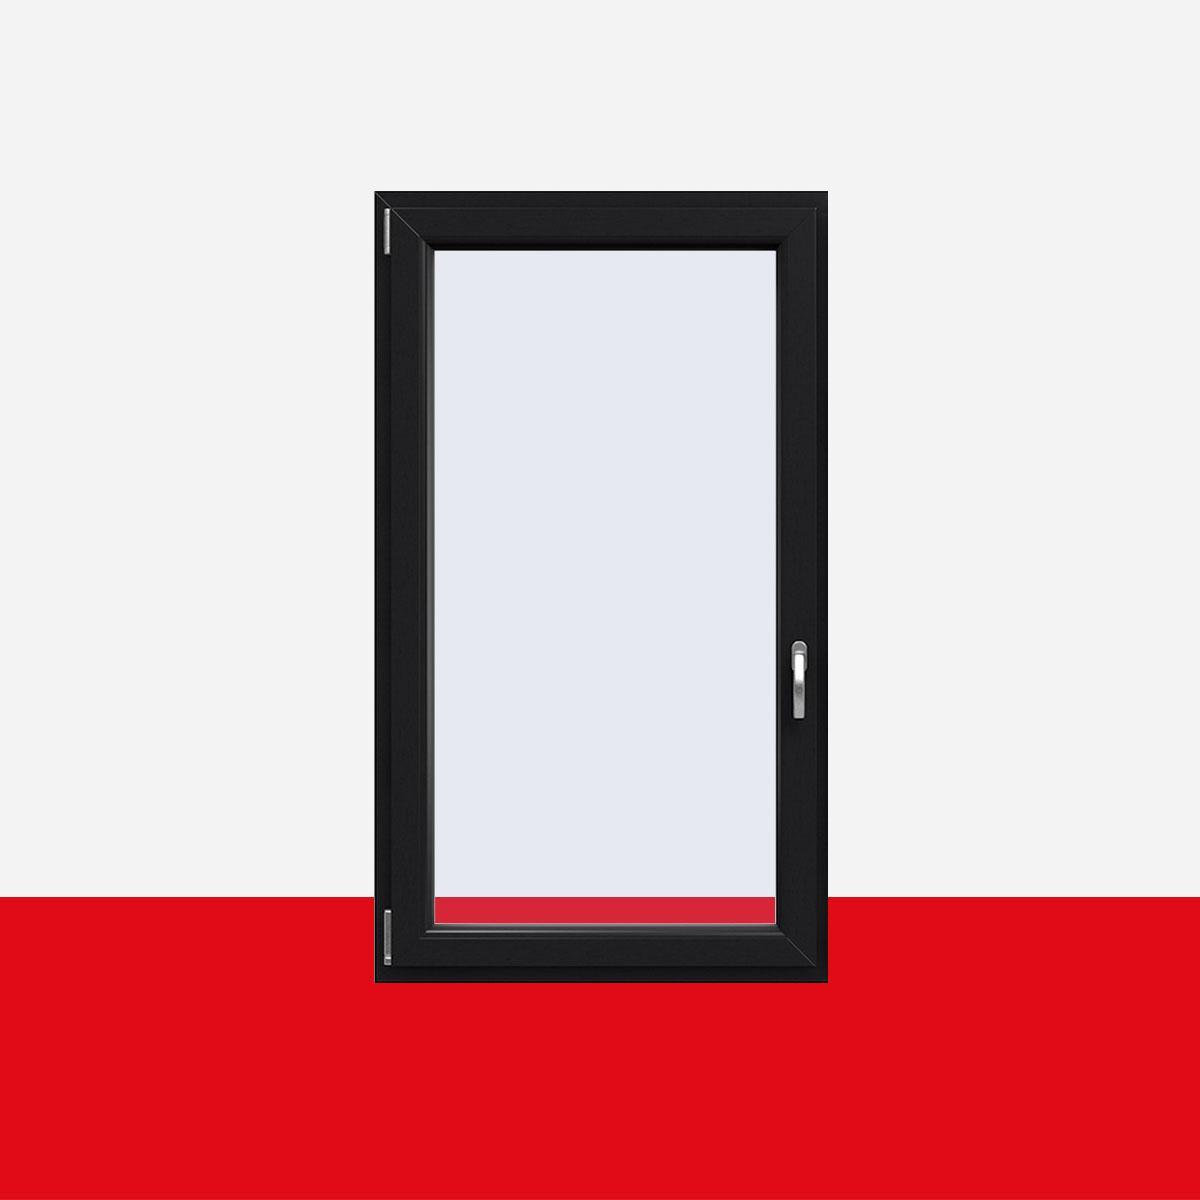 Graue Kunststofffenster kunststofffenster anthrazitgrau glatt innen und außen dreh kipp